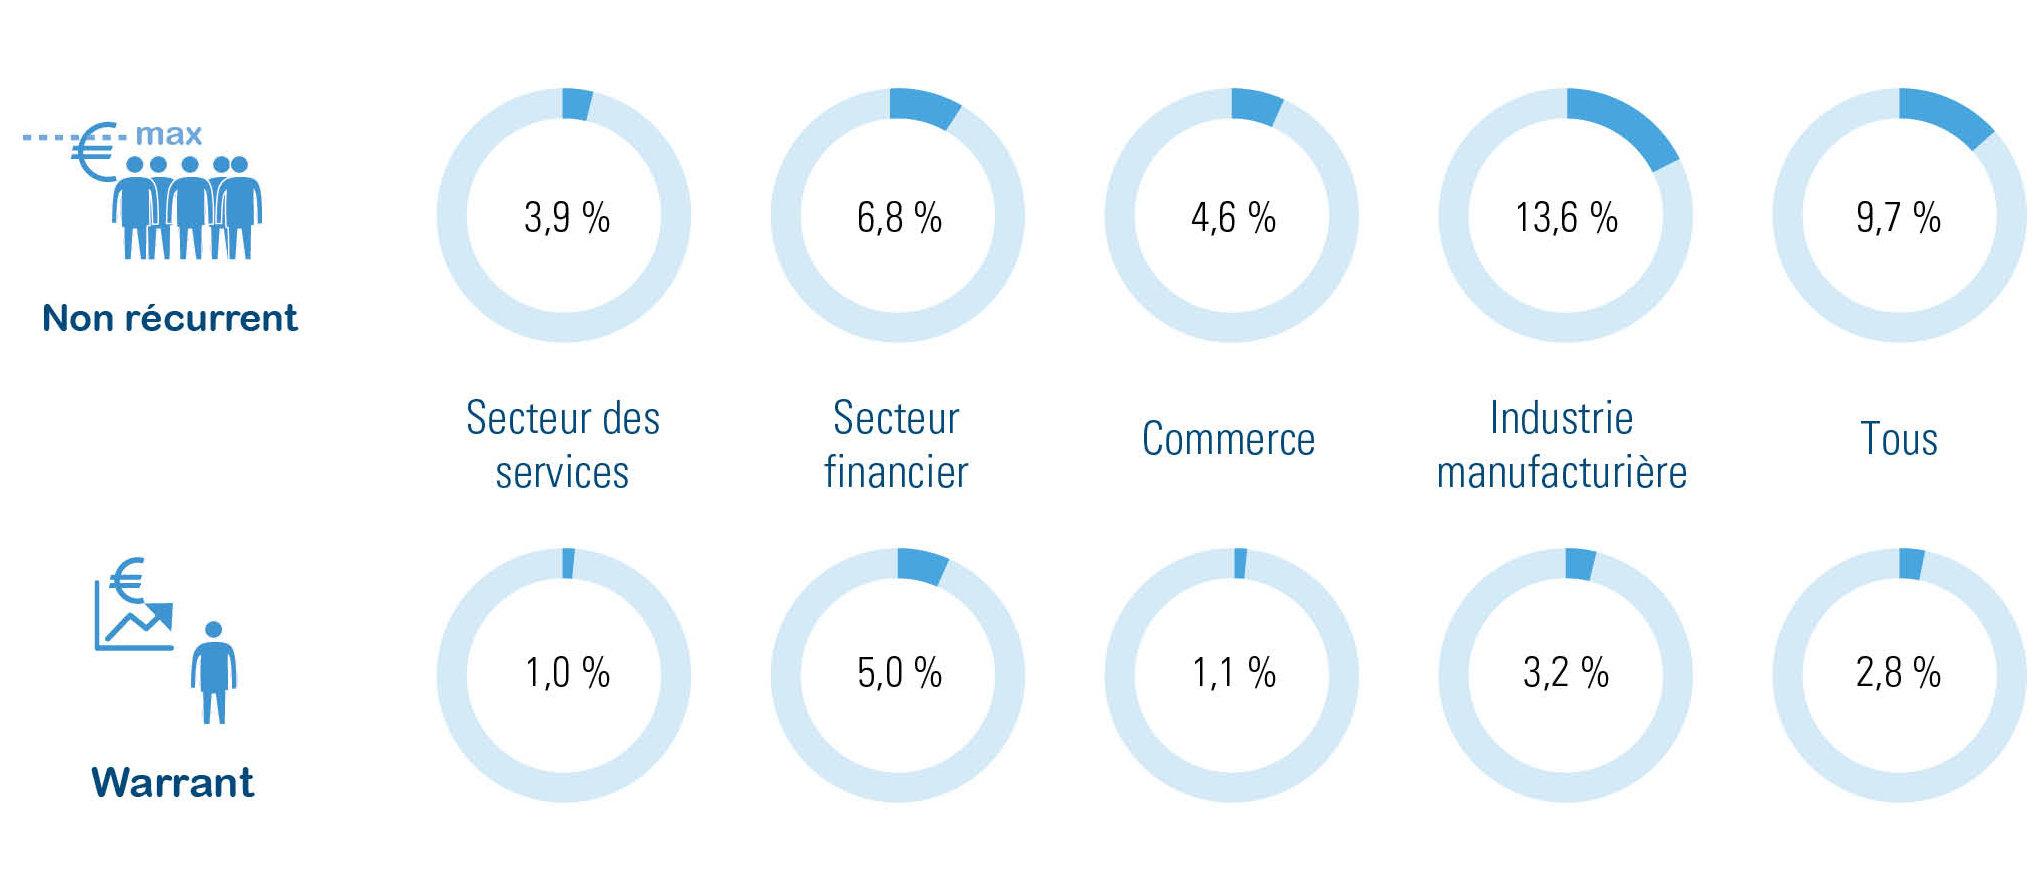 Bonus les plus populaires par secteur : % de tous les travailleurs (ouvriers et employés)